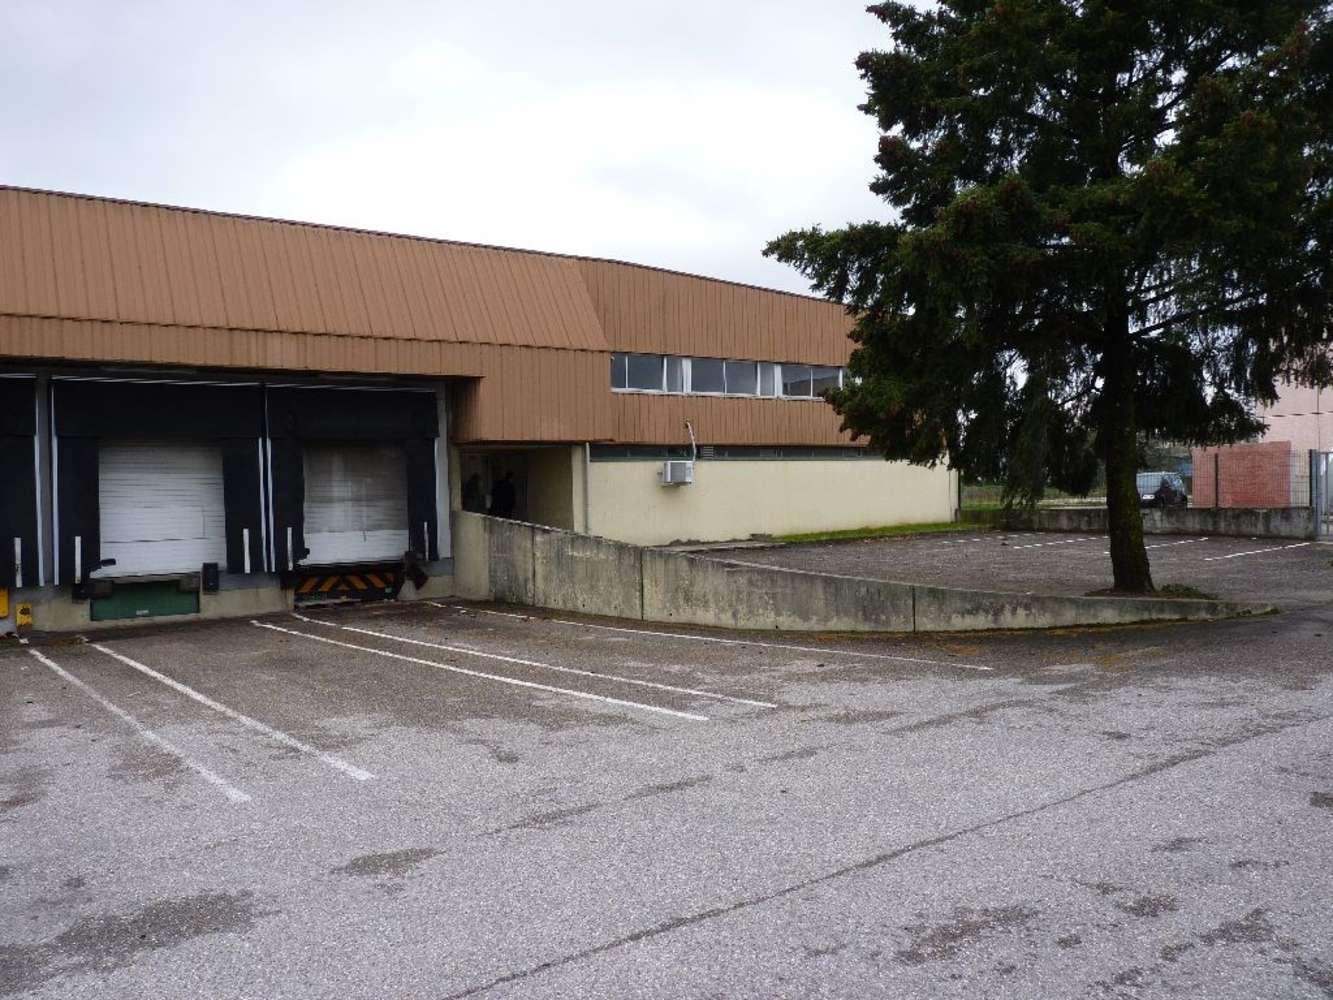 Activités/entrepôt Meyzieu, 69330 - Location entrepot Lyon Est - Meyzieu - 9883313